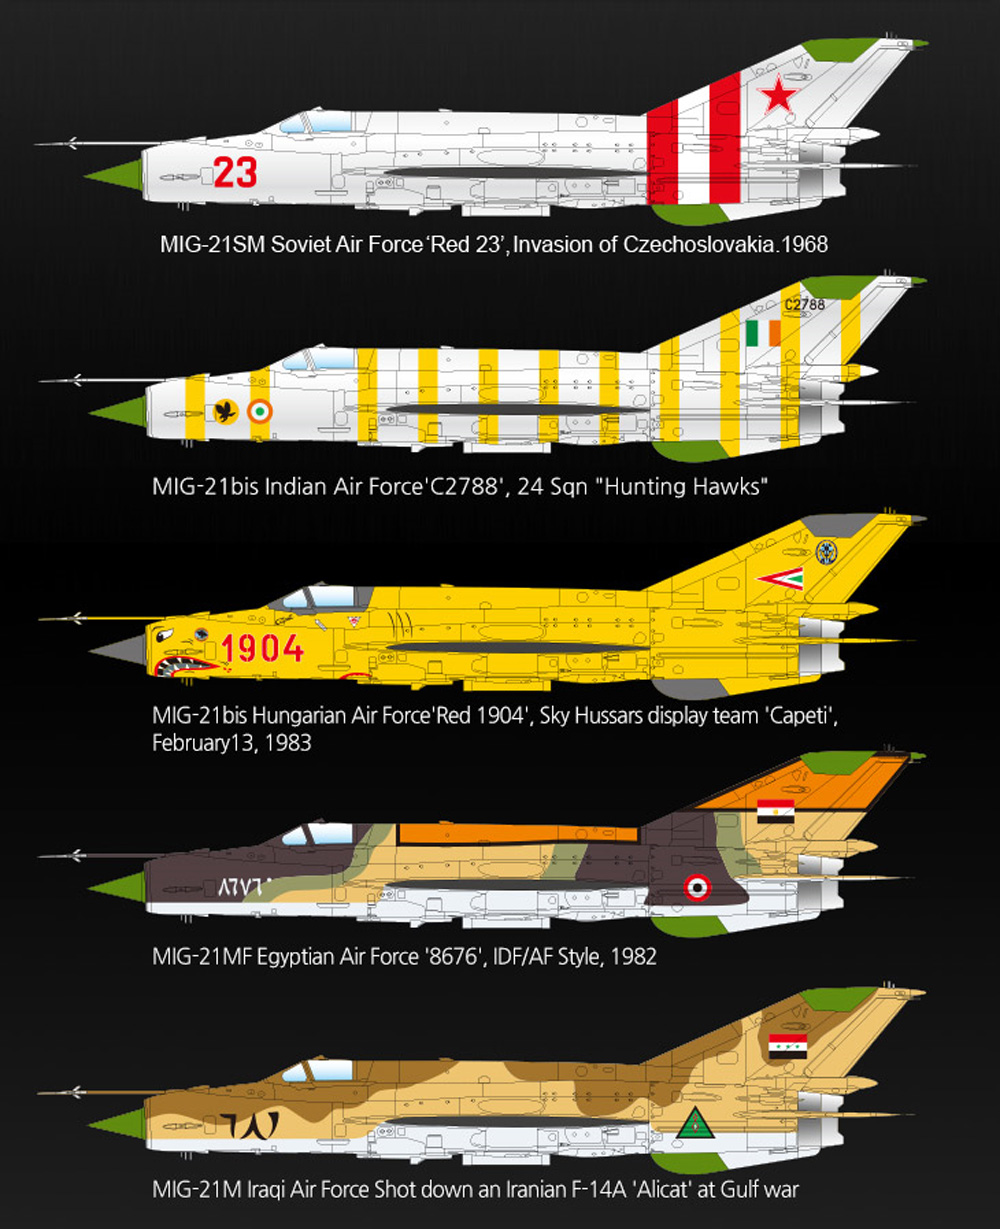 MiG-21MF スペシャルエディションプラモデル(アカデミー1/48 AircraftsNo.12311)商品画像_2